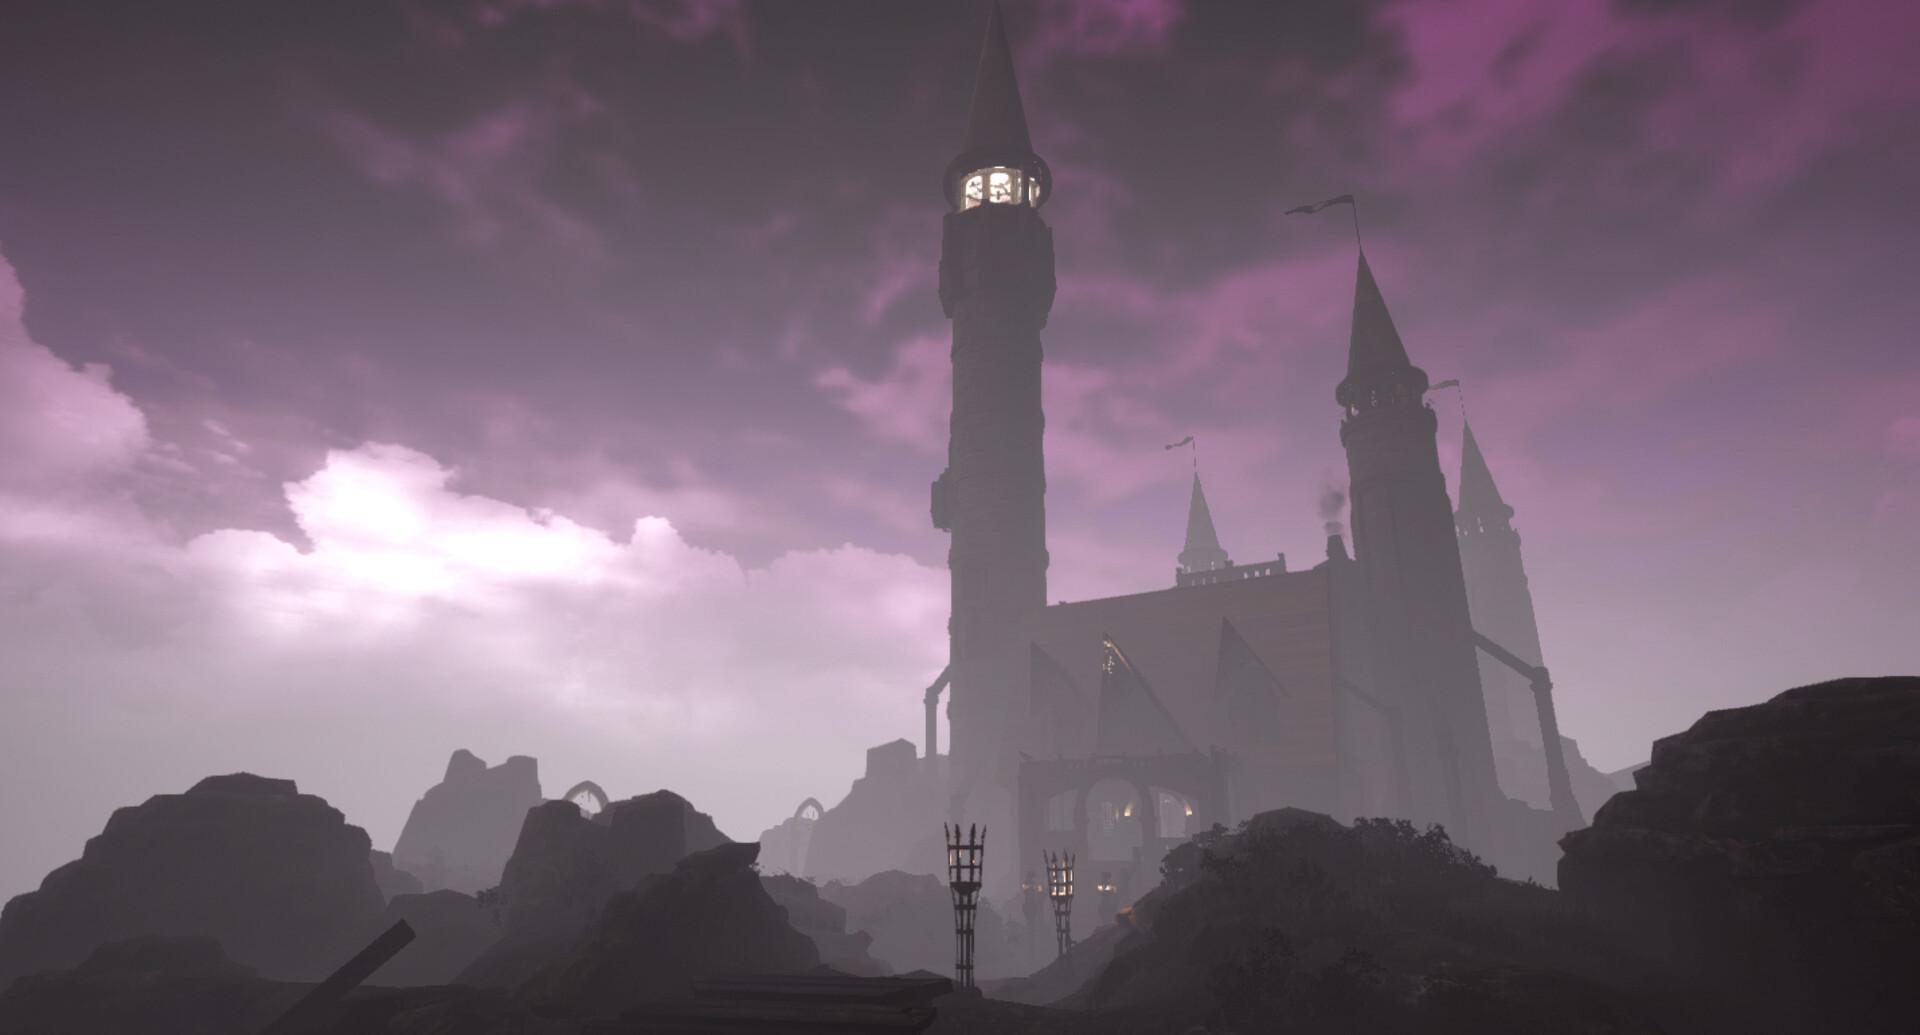 Patrick h t doyle castletowerlighthouse 9